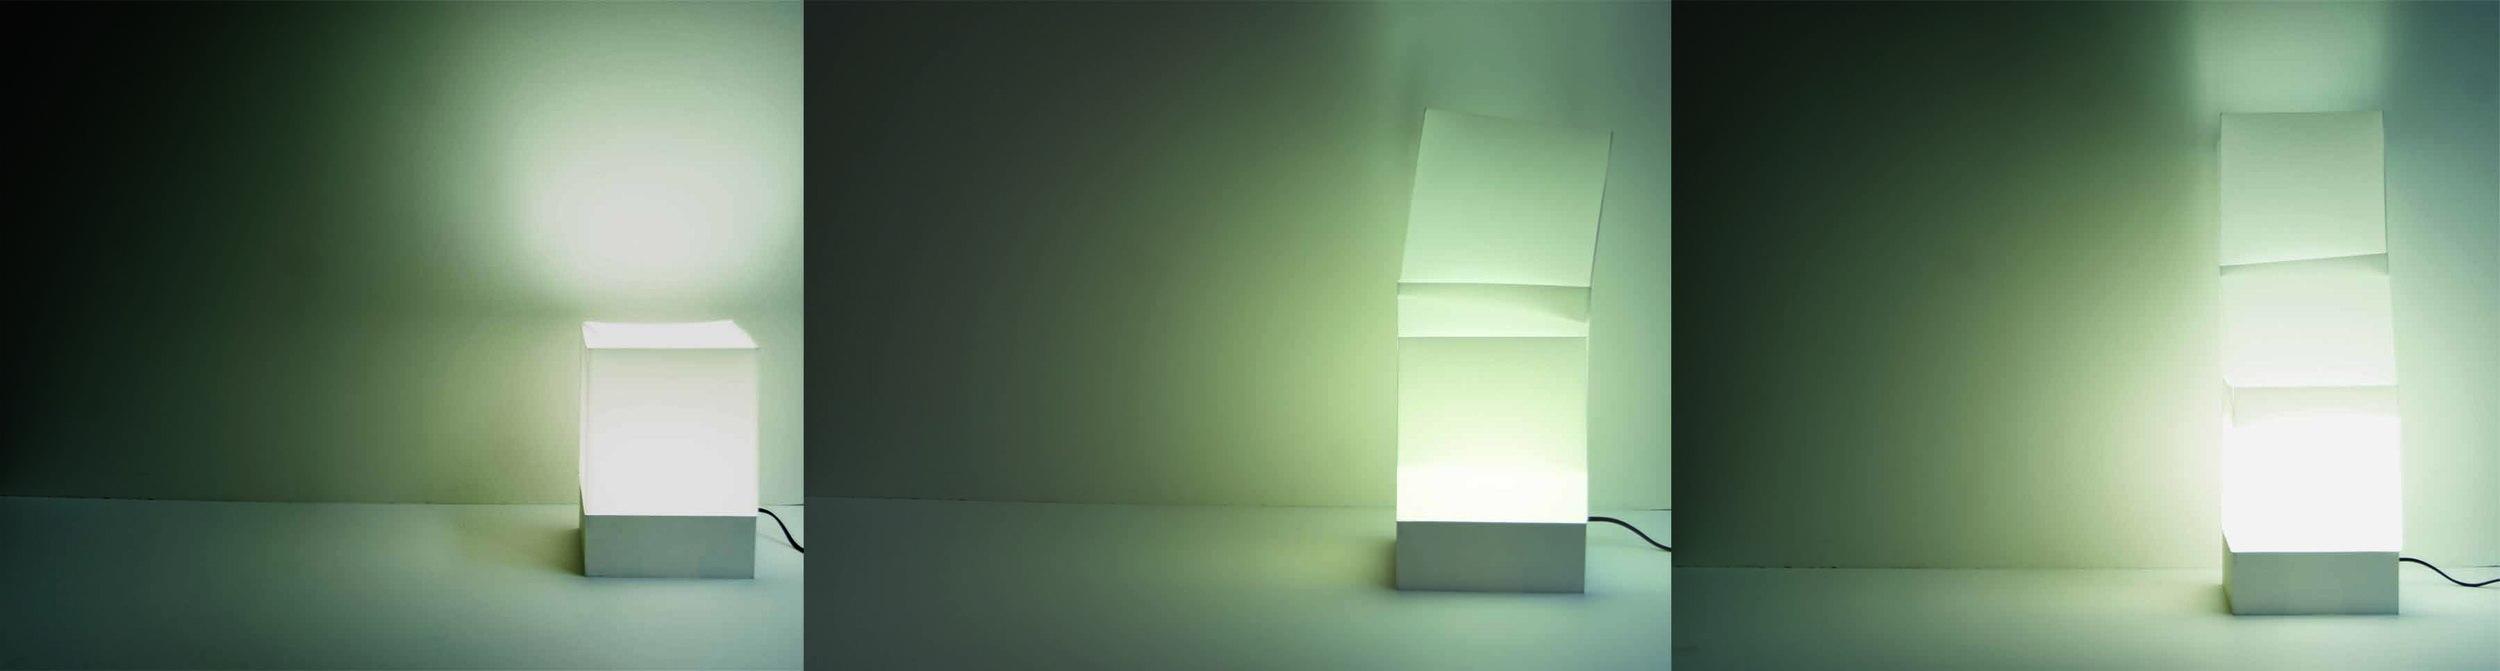 yuliya savelyeva luminaire 02